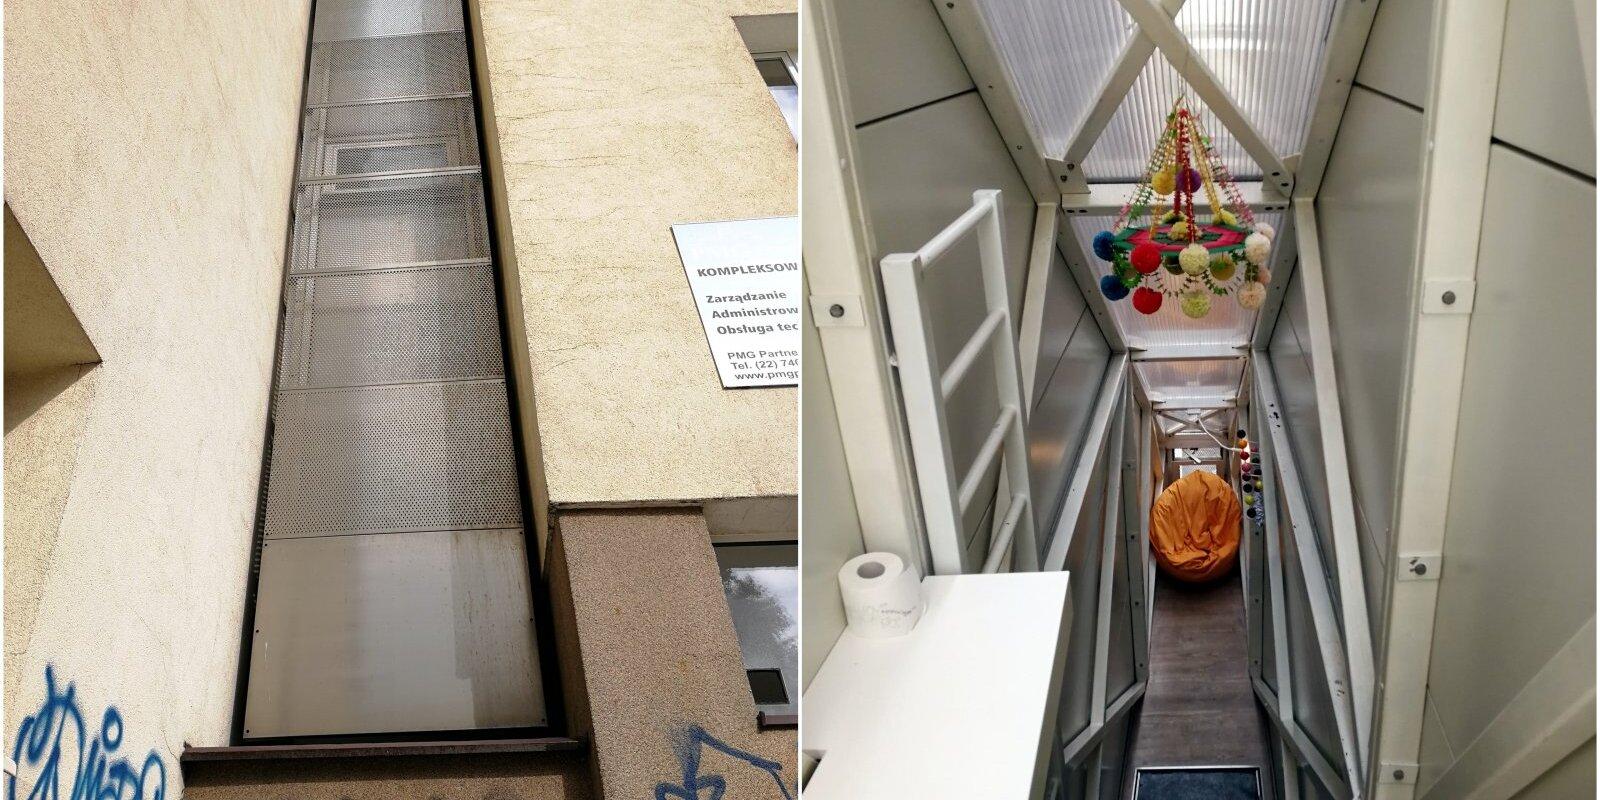 Дом Керета в Варшаве: как дом шириной в метр выглядит изнутри